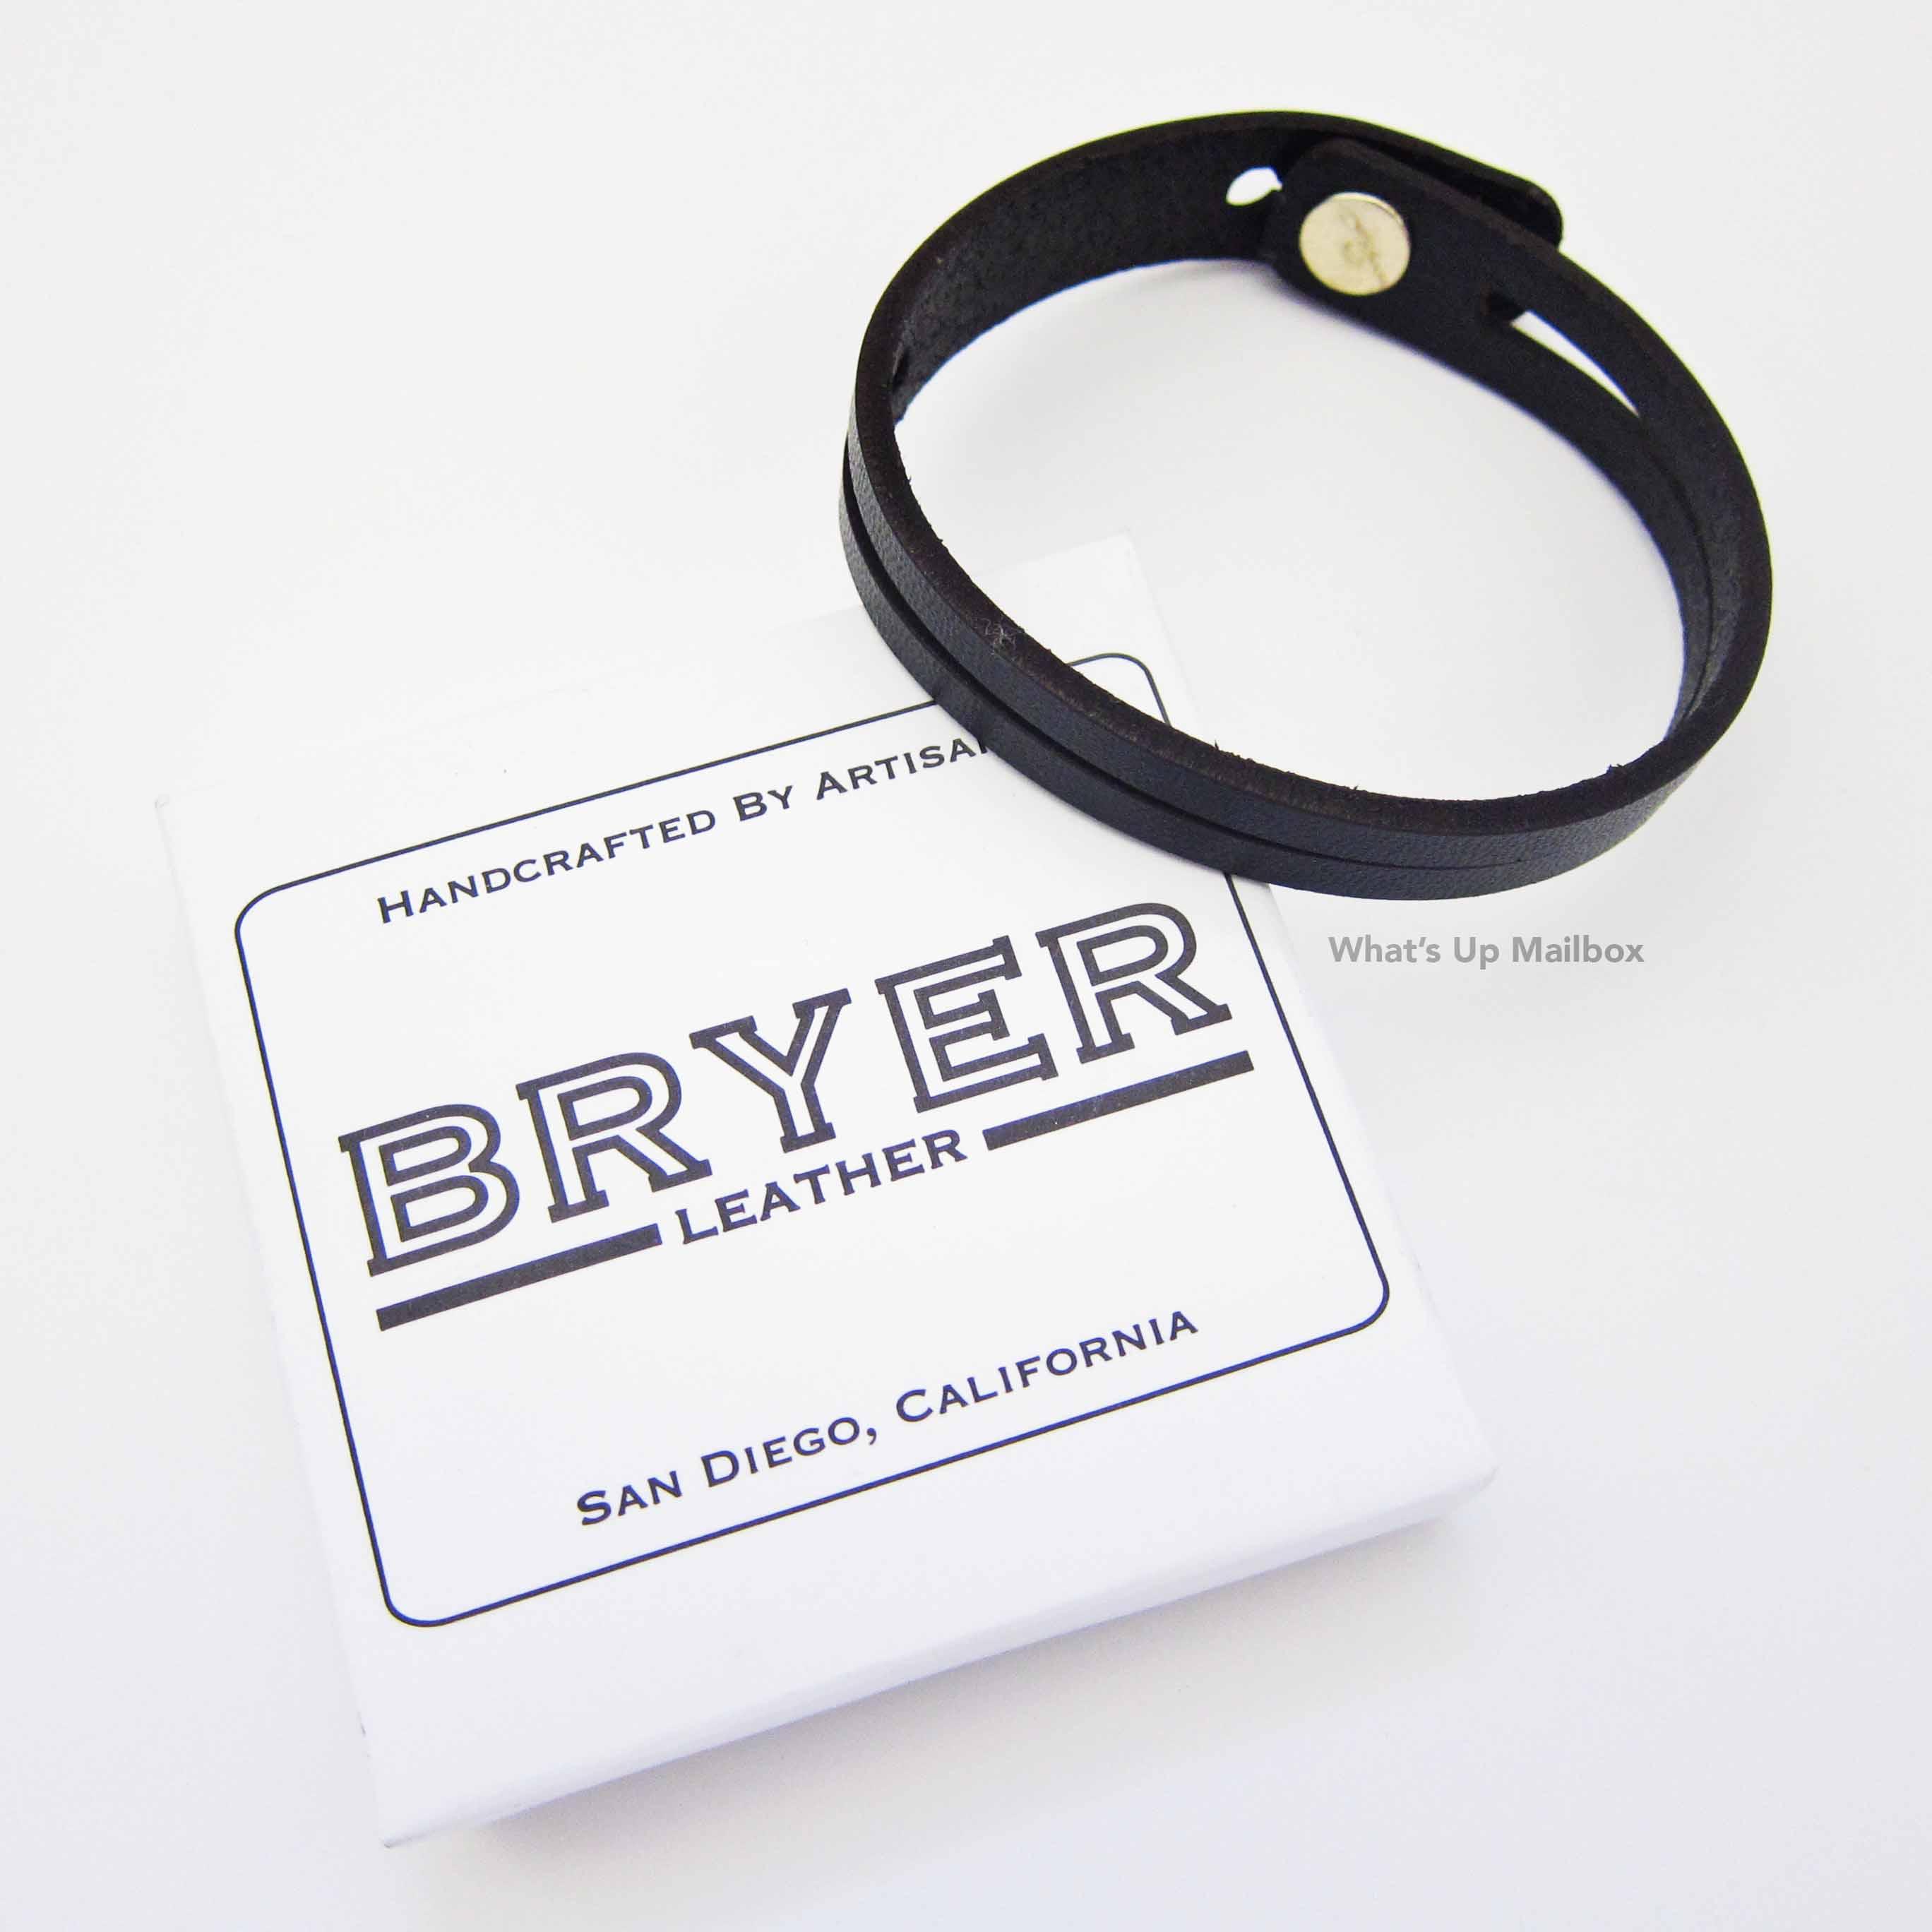 Bryer Leather Bracelet